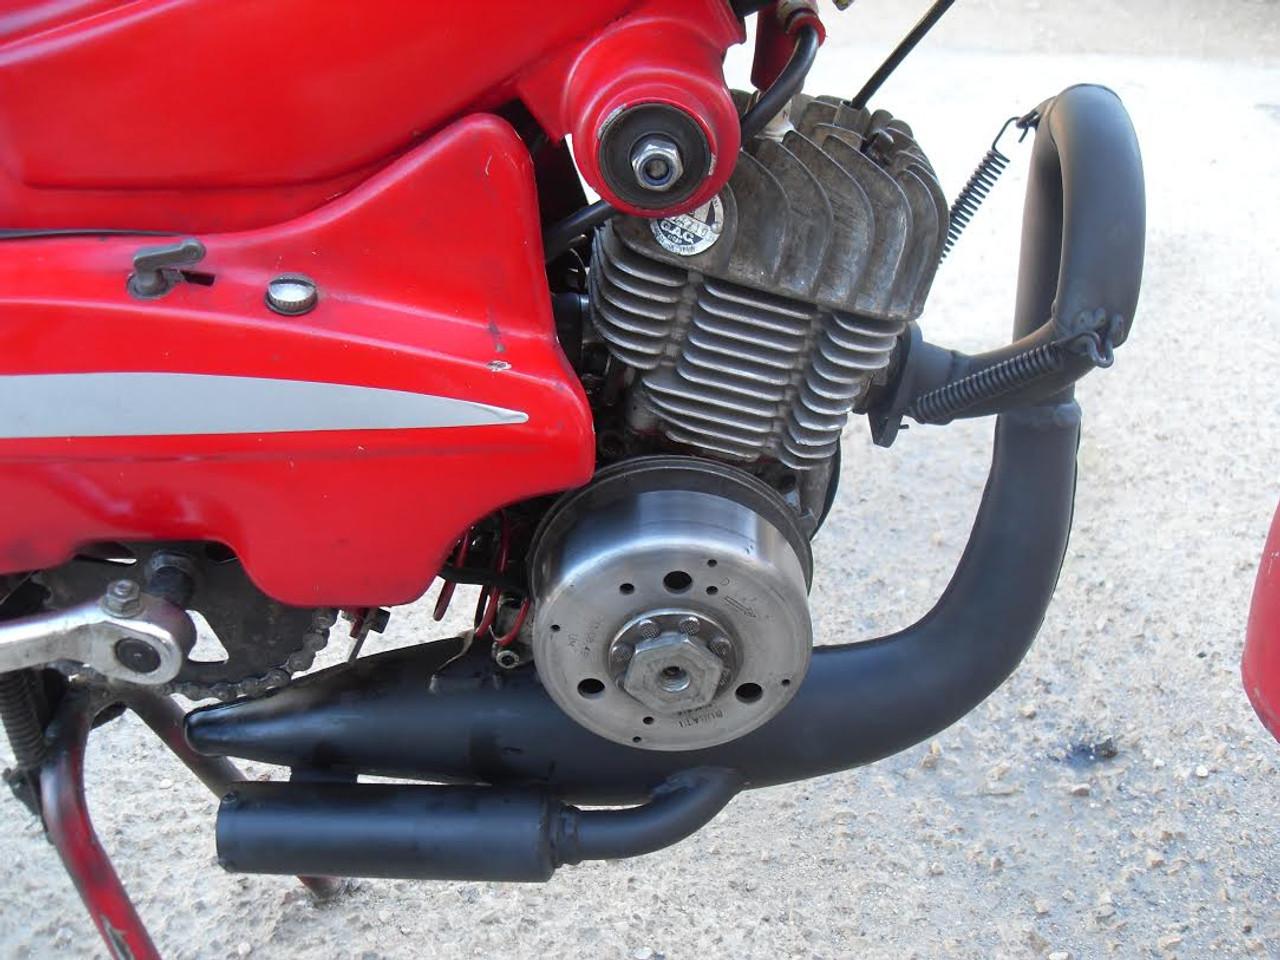 Turbo Kit Chrome Exhaust for Motobecane, Mobylette AV7 / AV10 / AV88